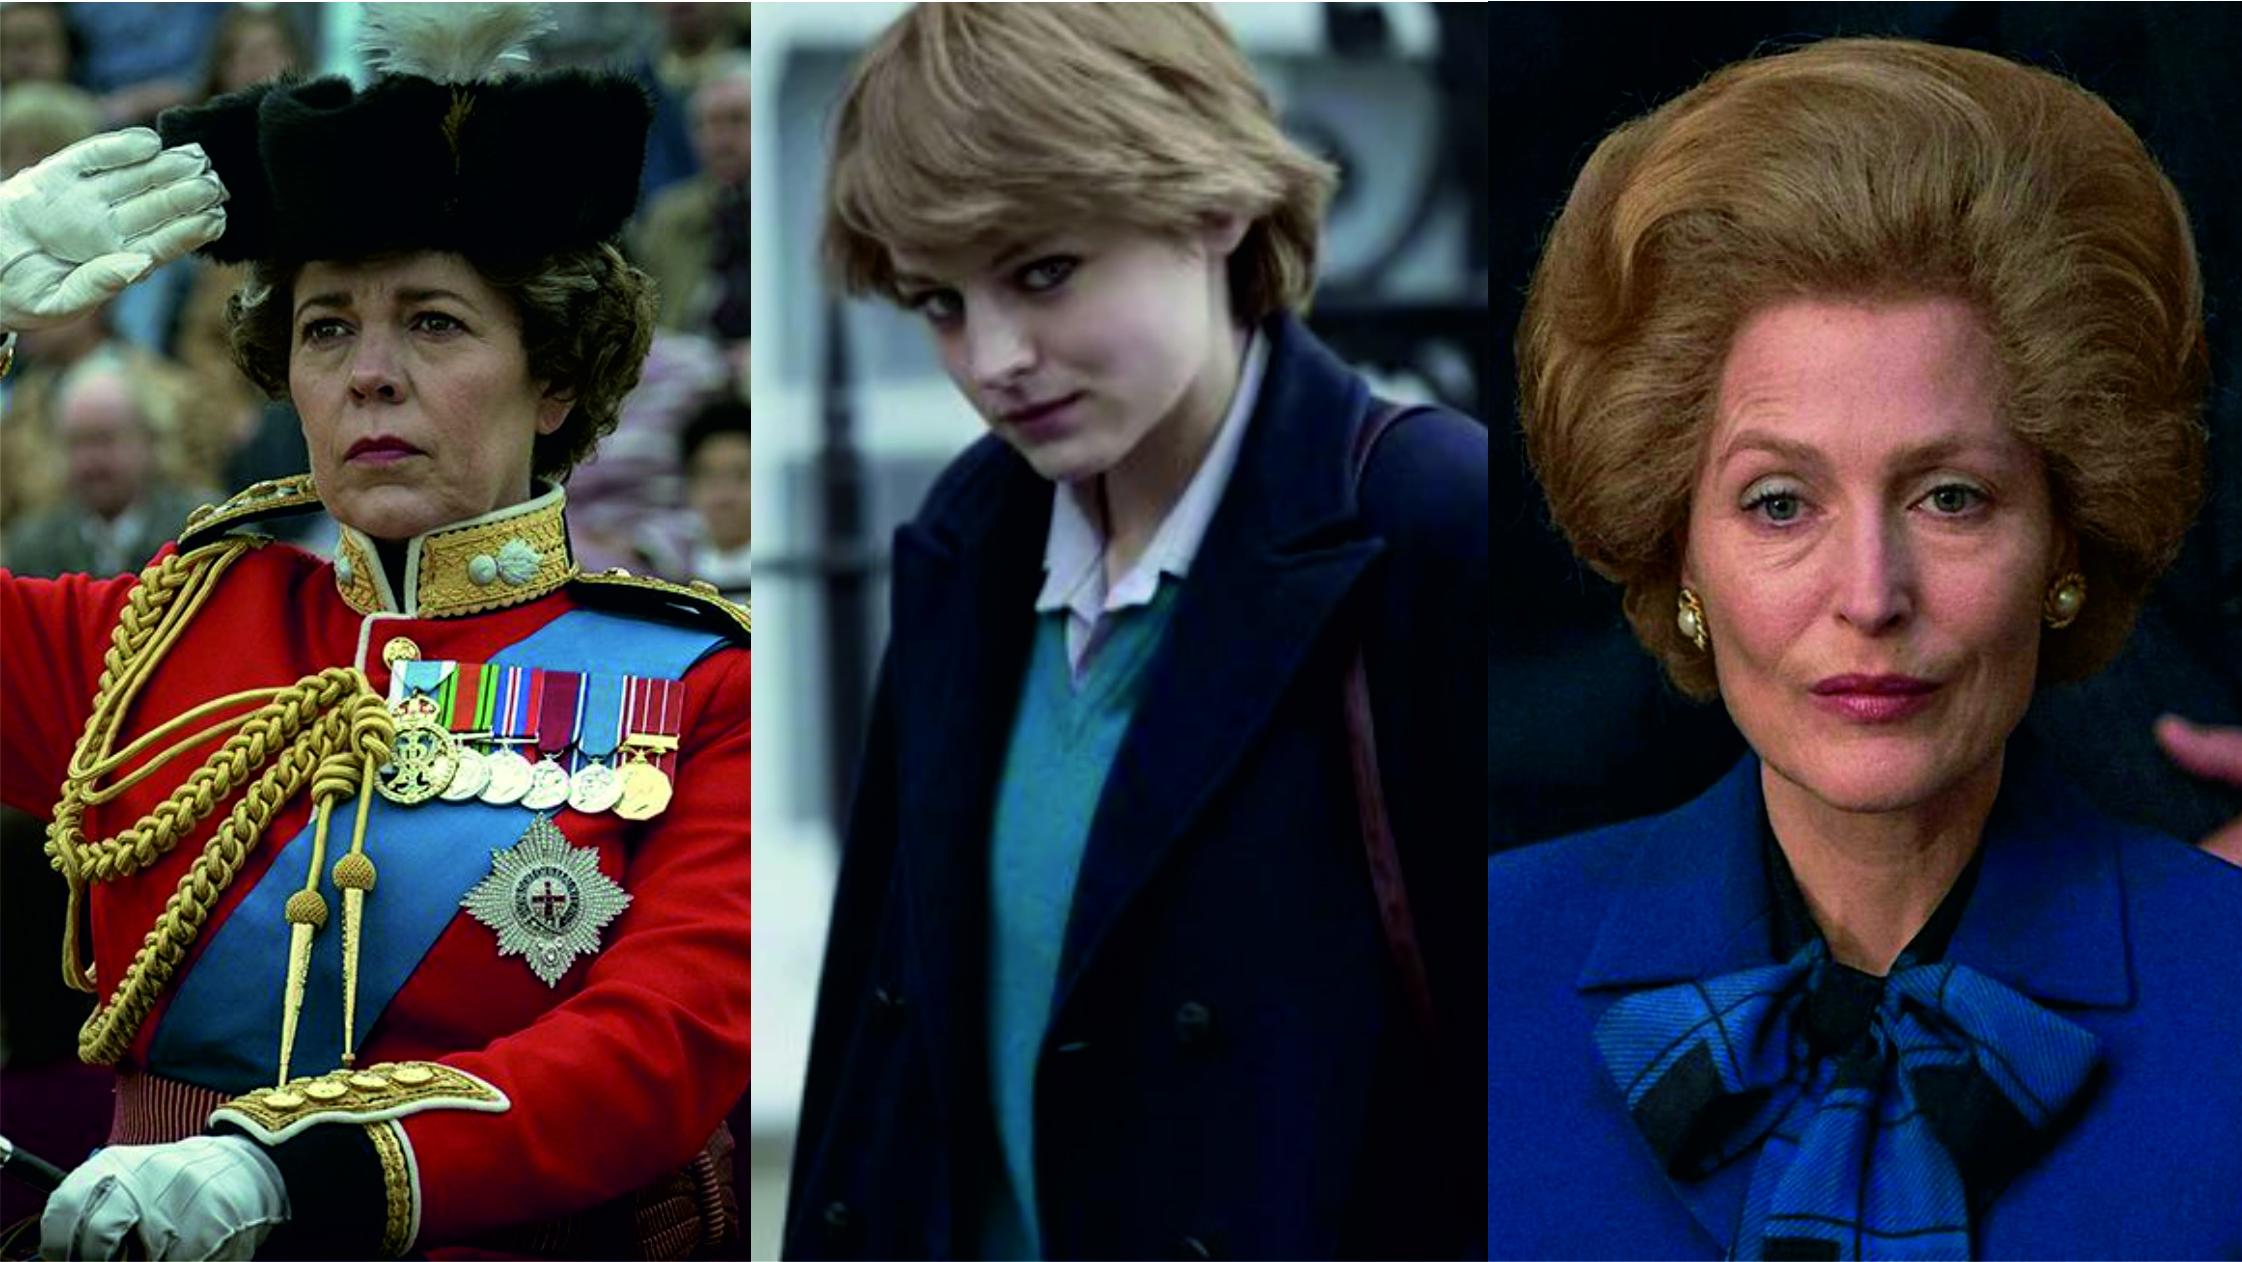 Los 5 momentos más importantes de «The Crown» 4 temporada